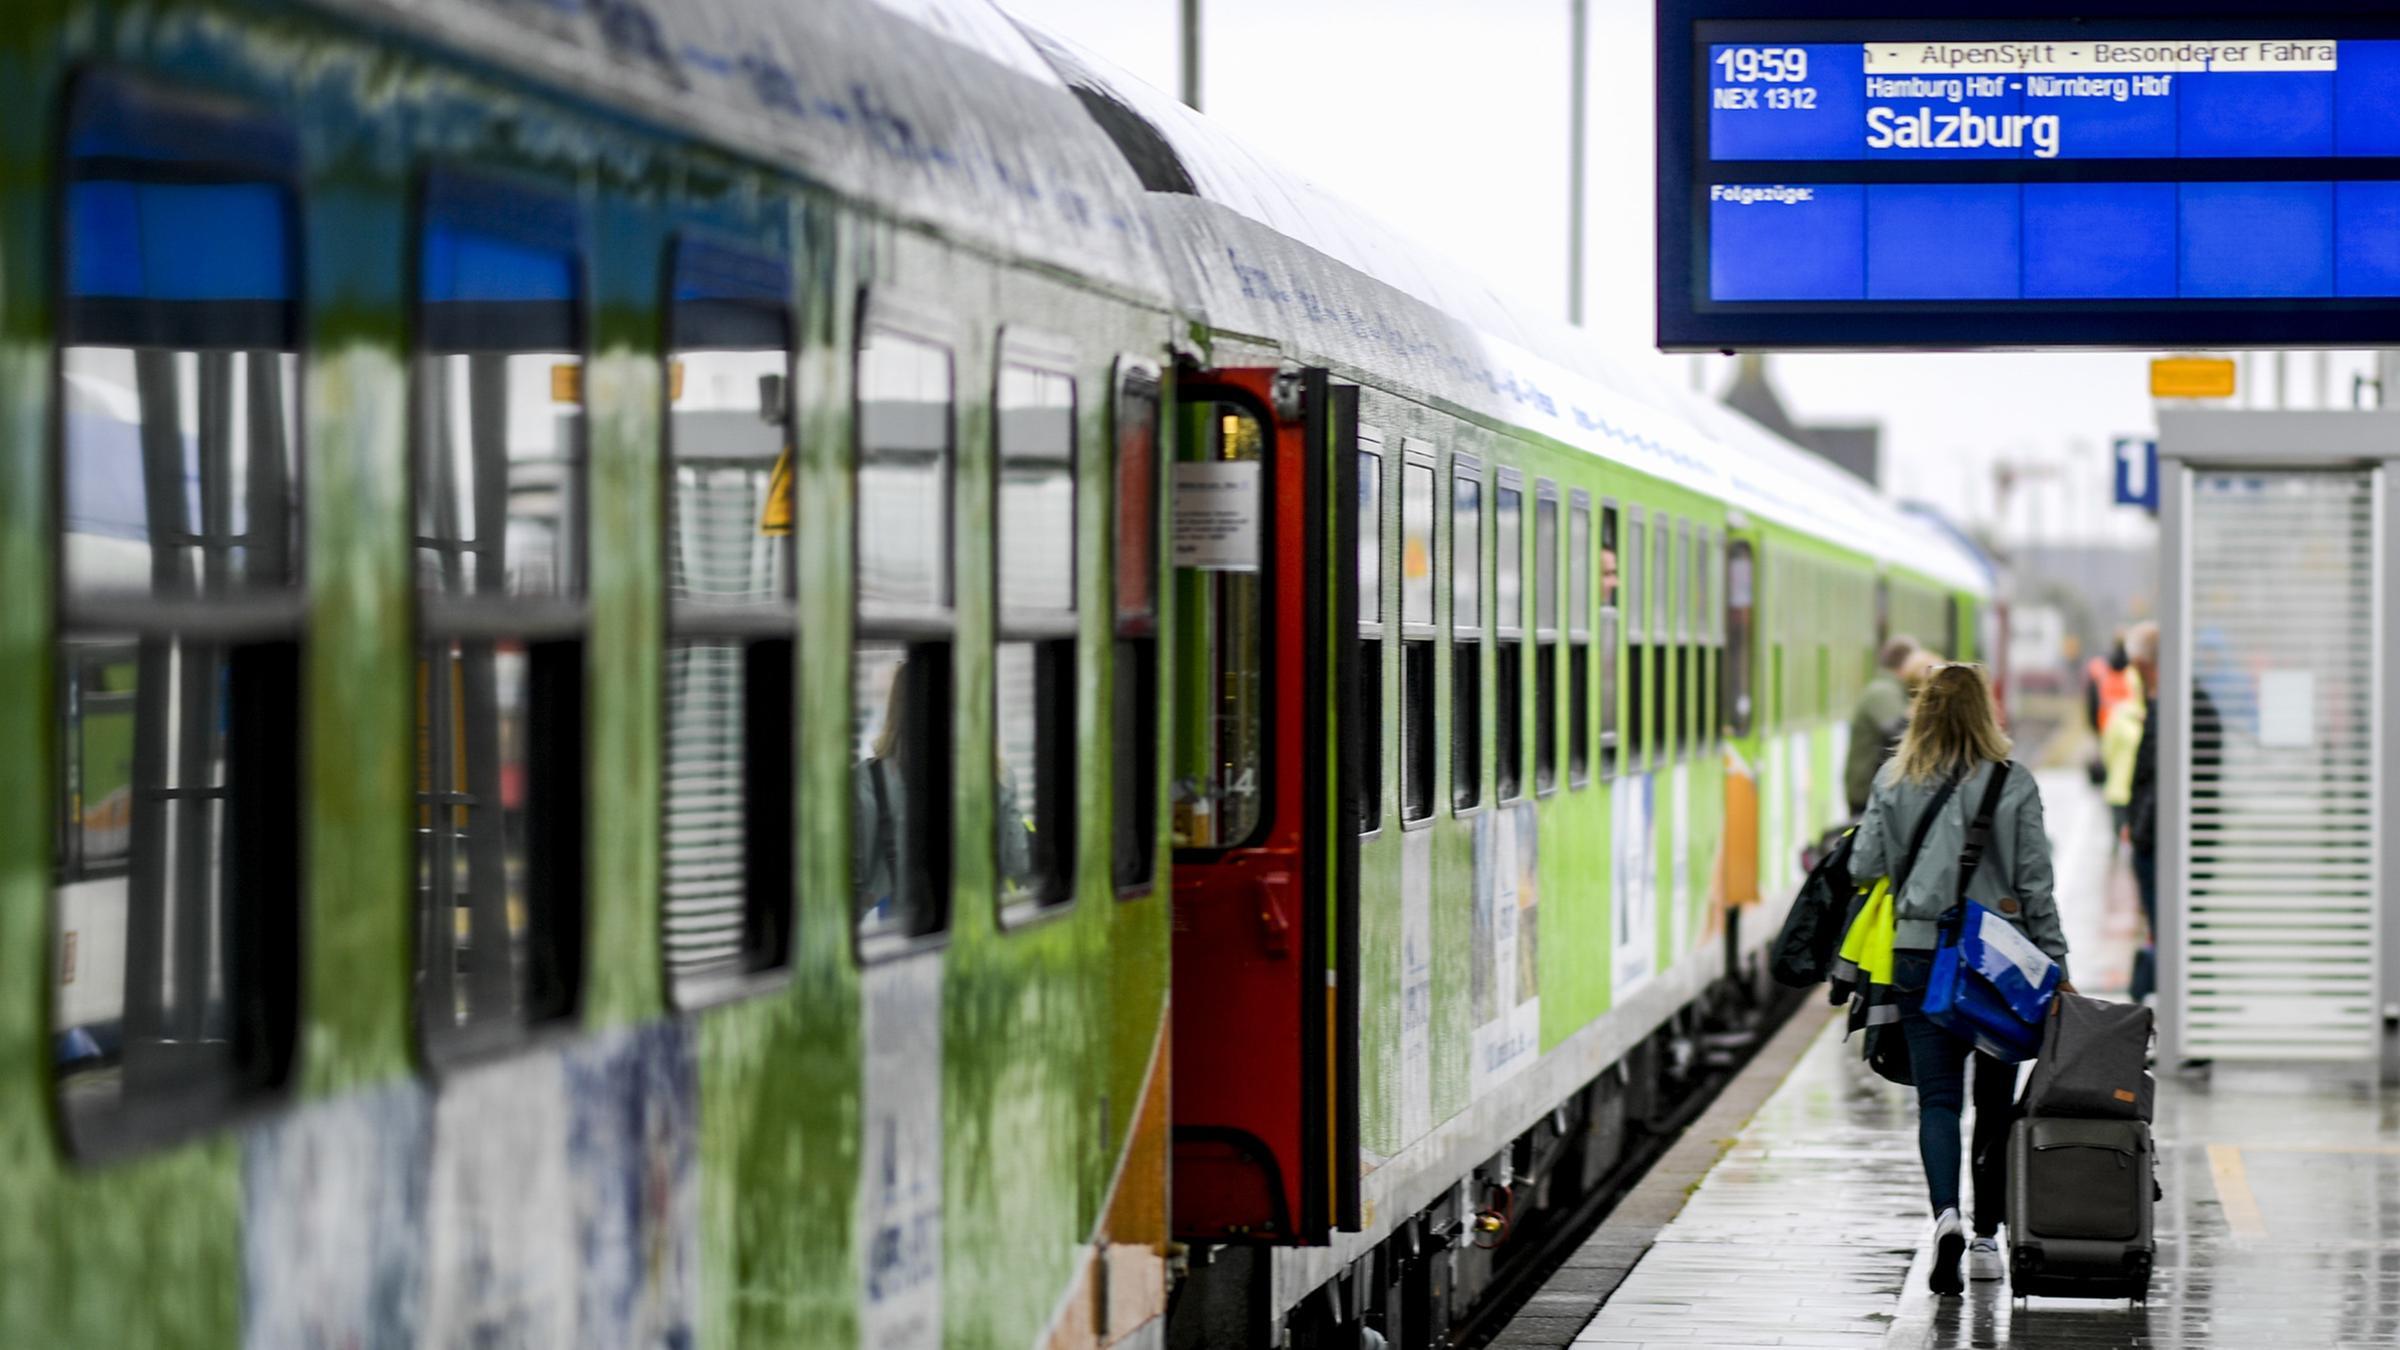 Fahrgäste des neuen Alpen-Sylt-Nachtexpress von Sylt nach Salzburg des Bahnanbieters RDC laufen kurz vor der Abfahrt des Zuges über den Bahnsteig am 04.07.2020 in Westerland.